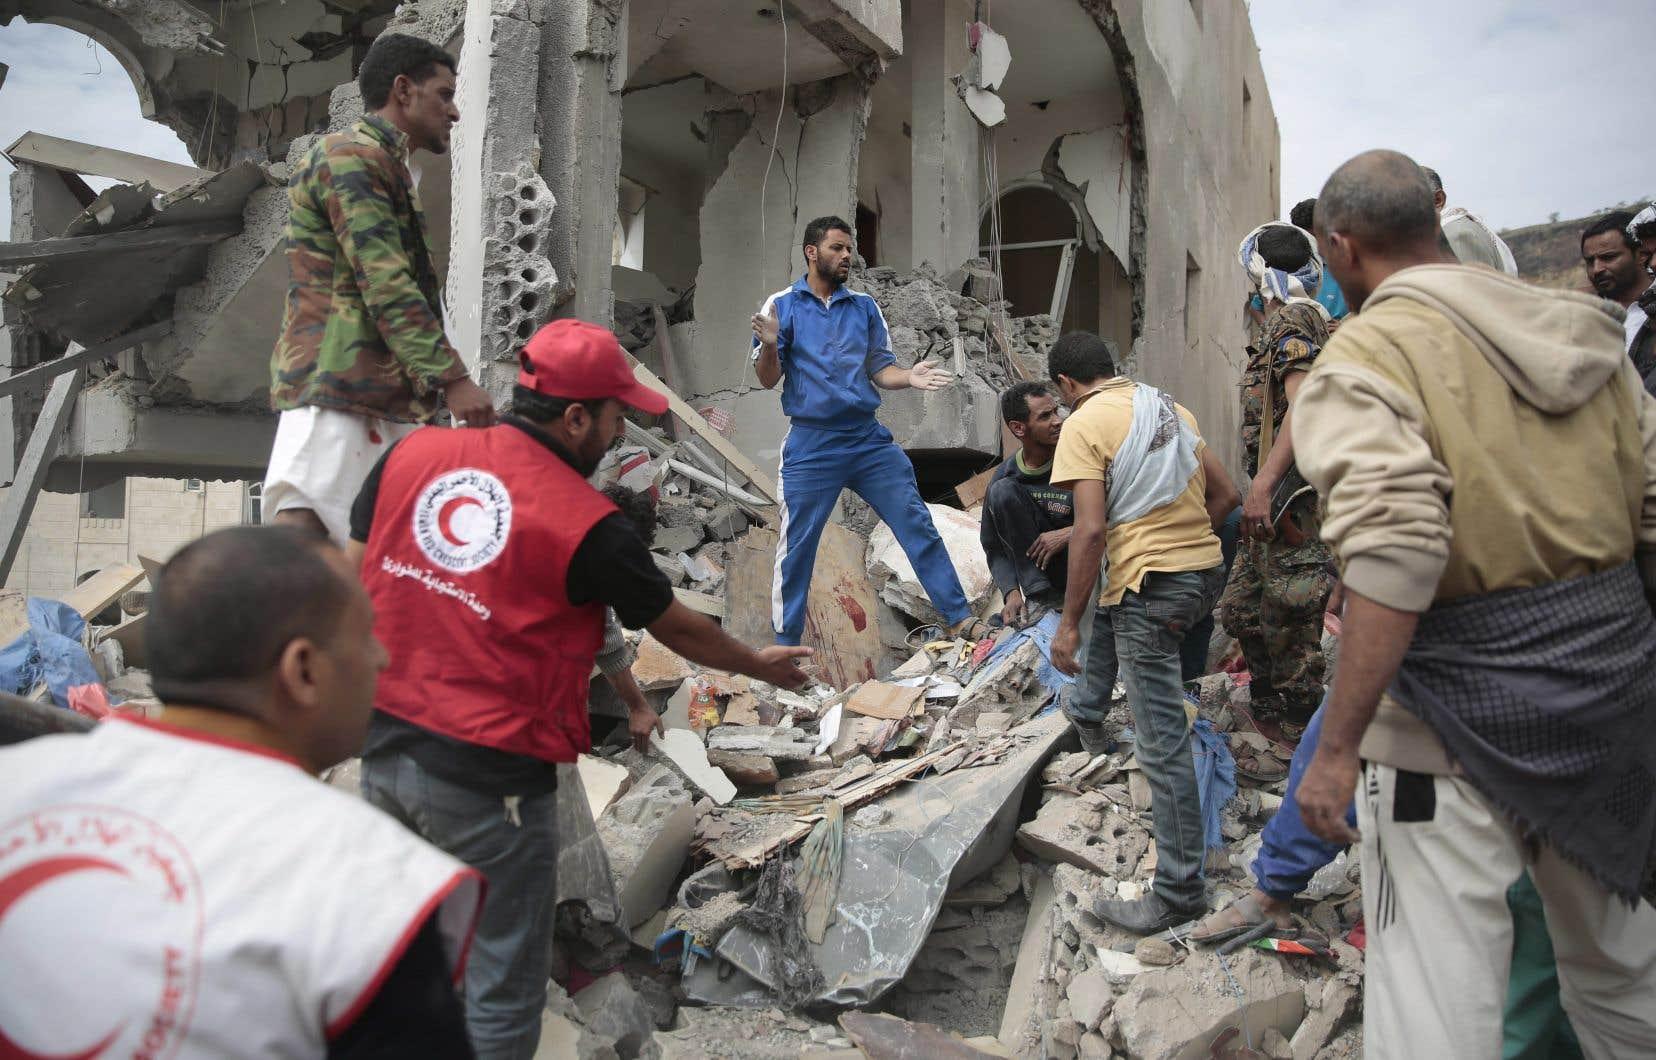 Des bénévoles cherchent des survivants sous les décombres des immeubles détruits dans les raids aériens de la coalition menée par l'Arabie saoudite, le 25 août dernier.